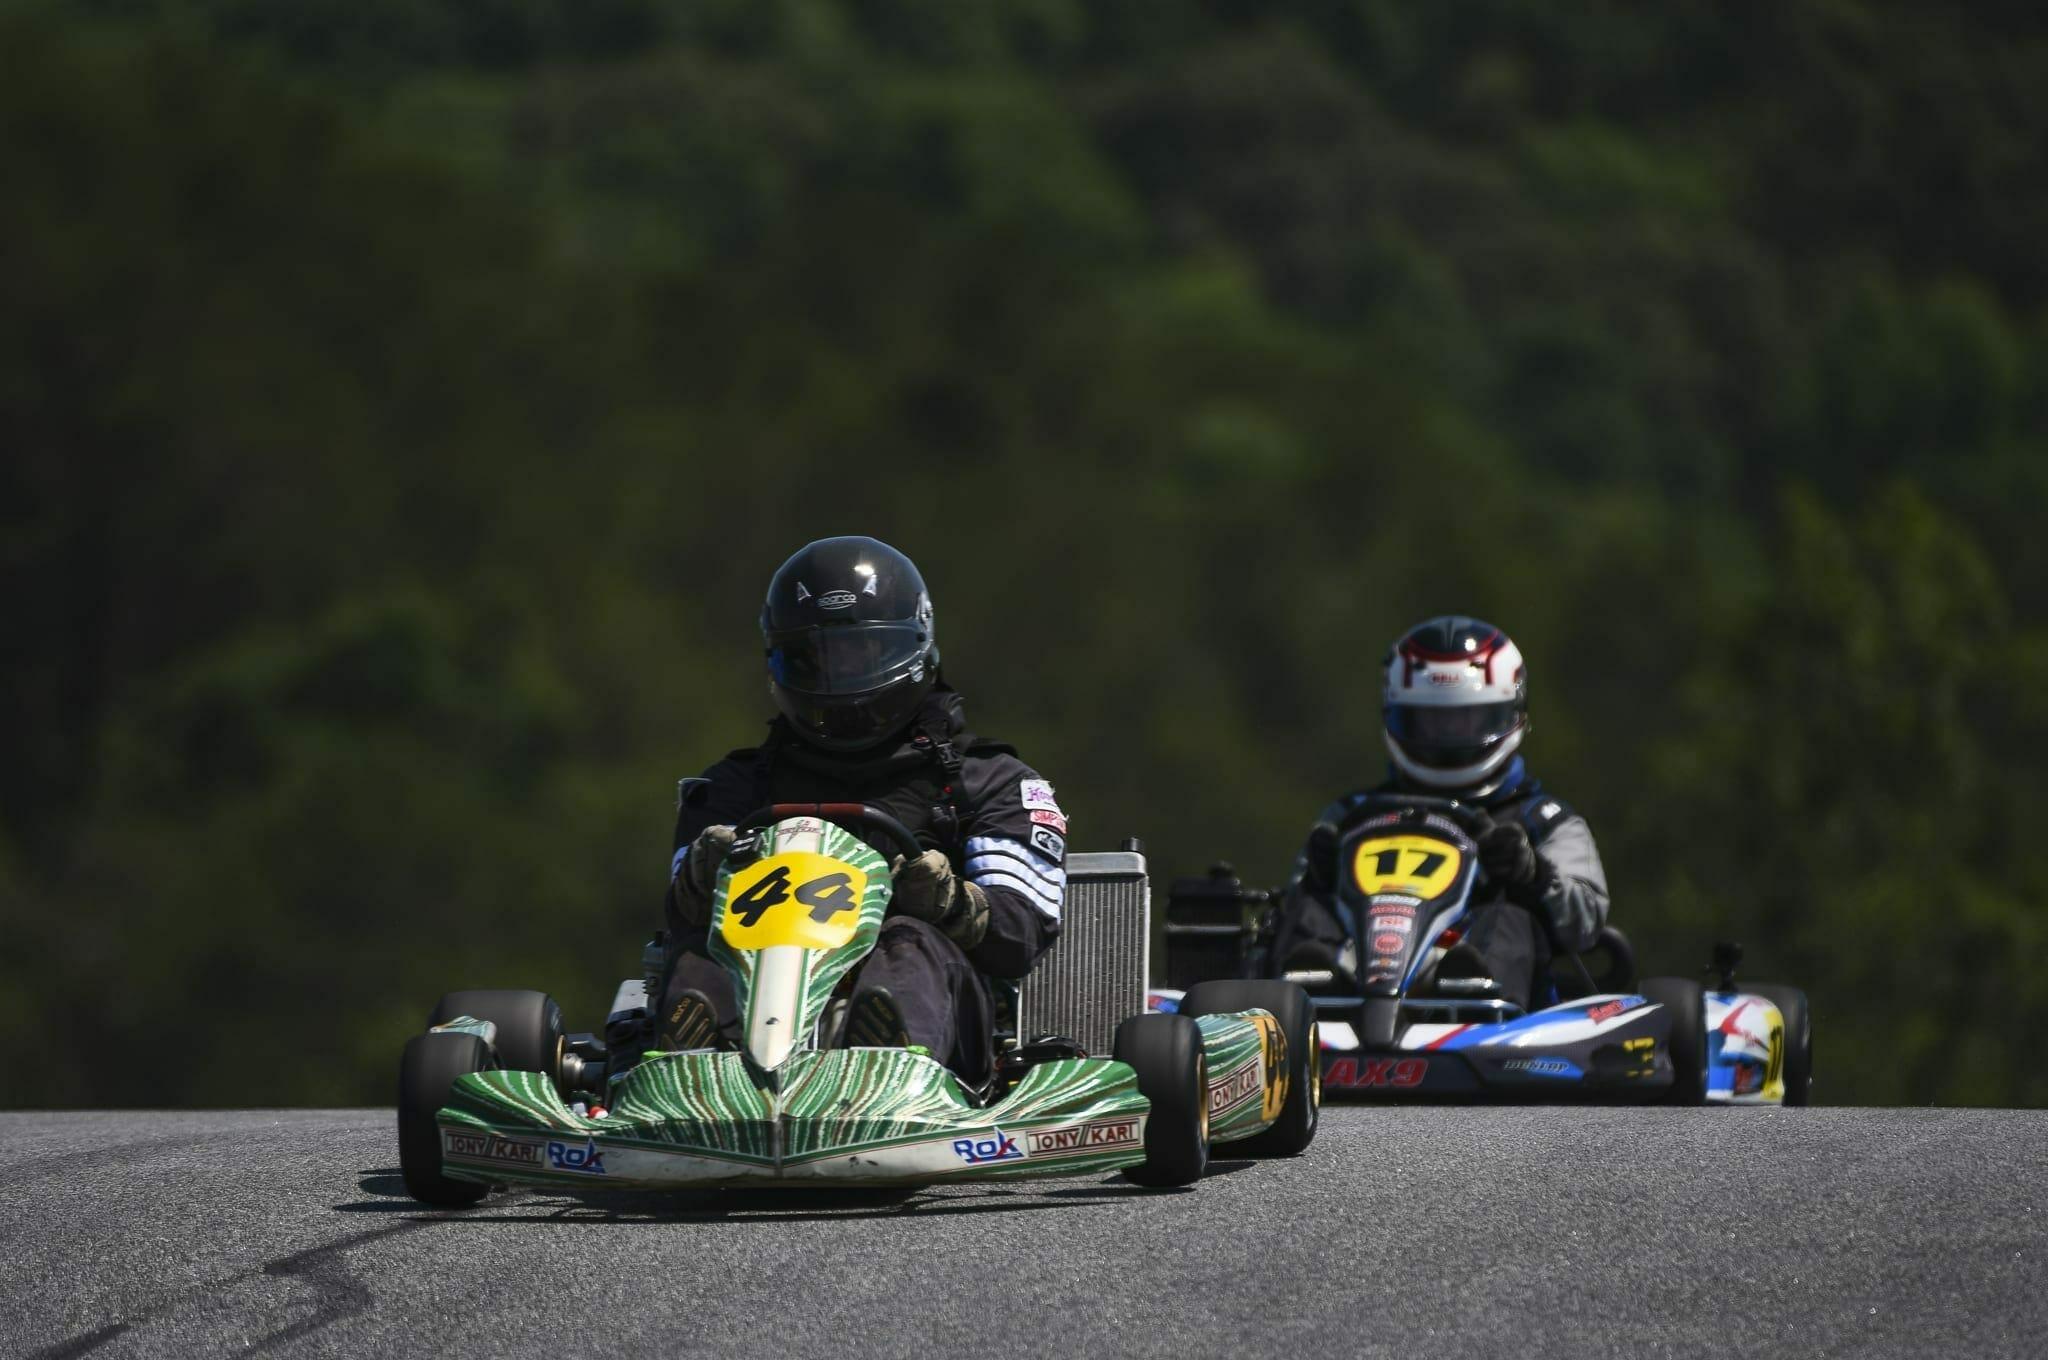 AMP FP 15 - Member Karting